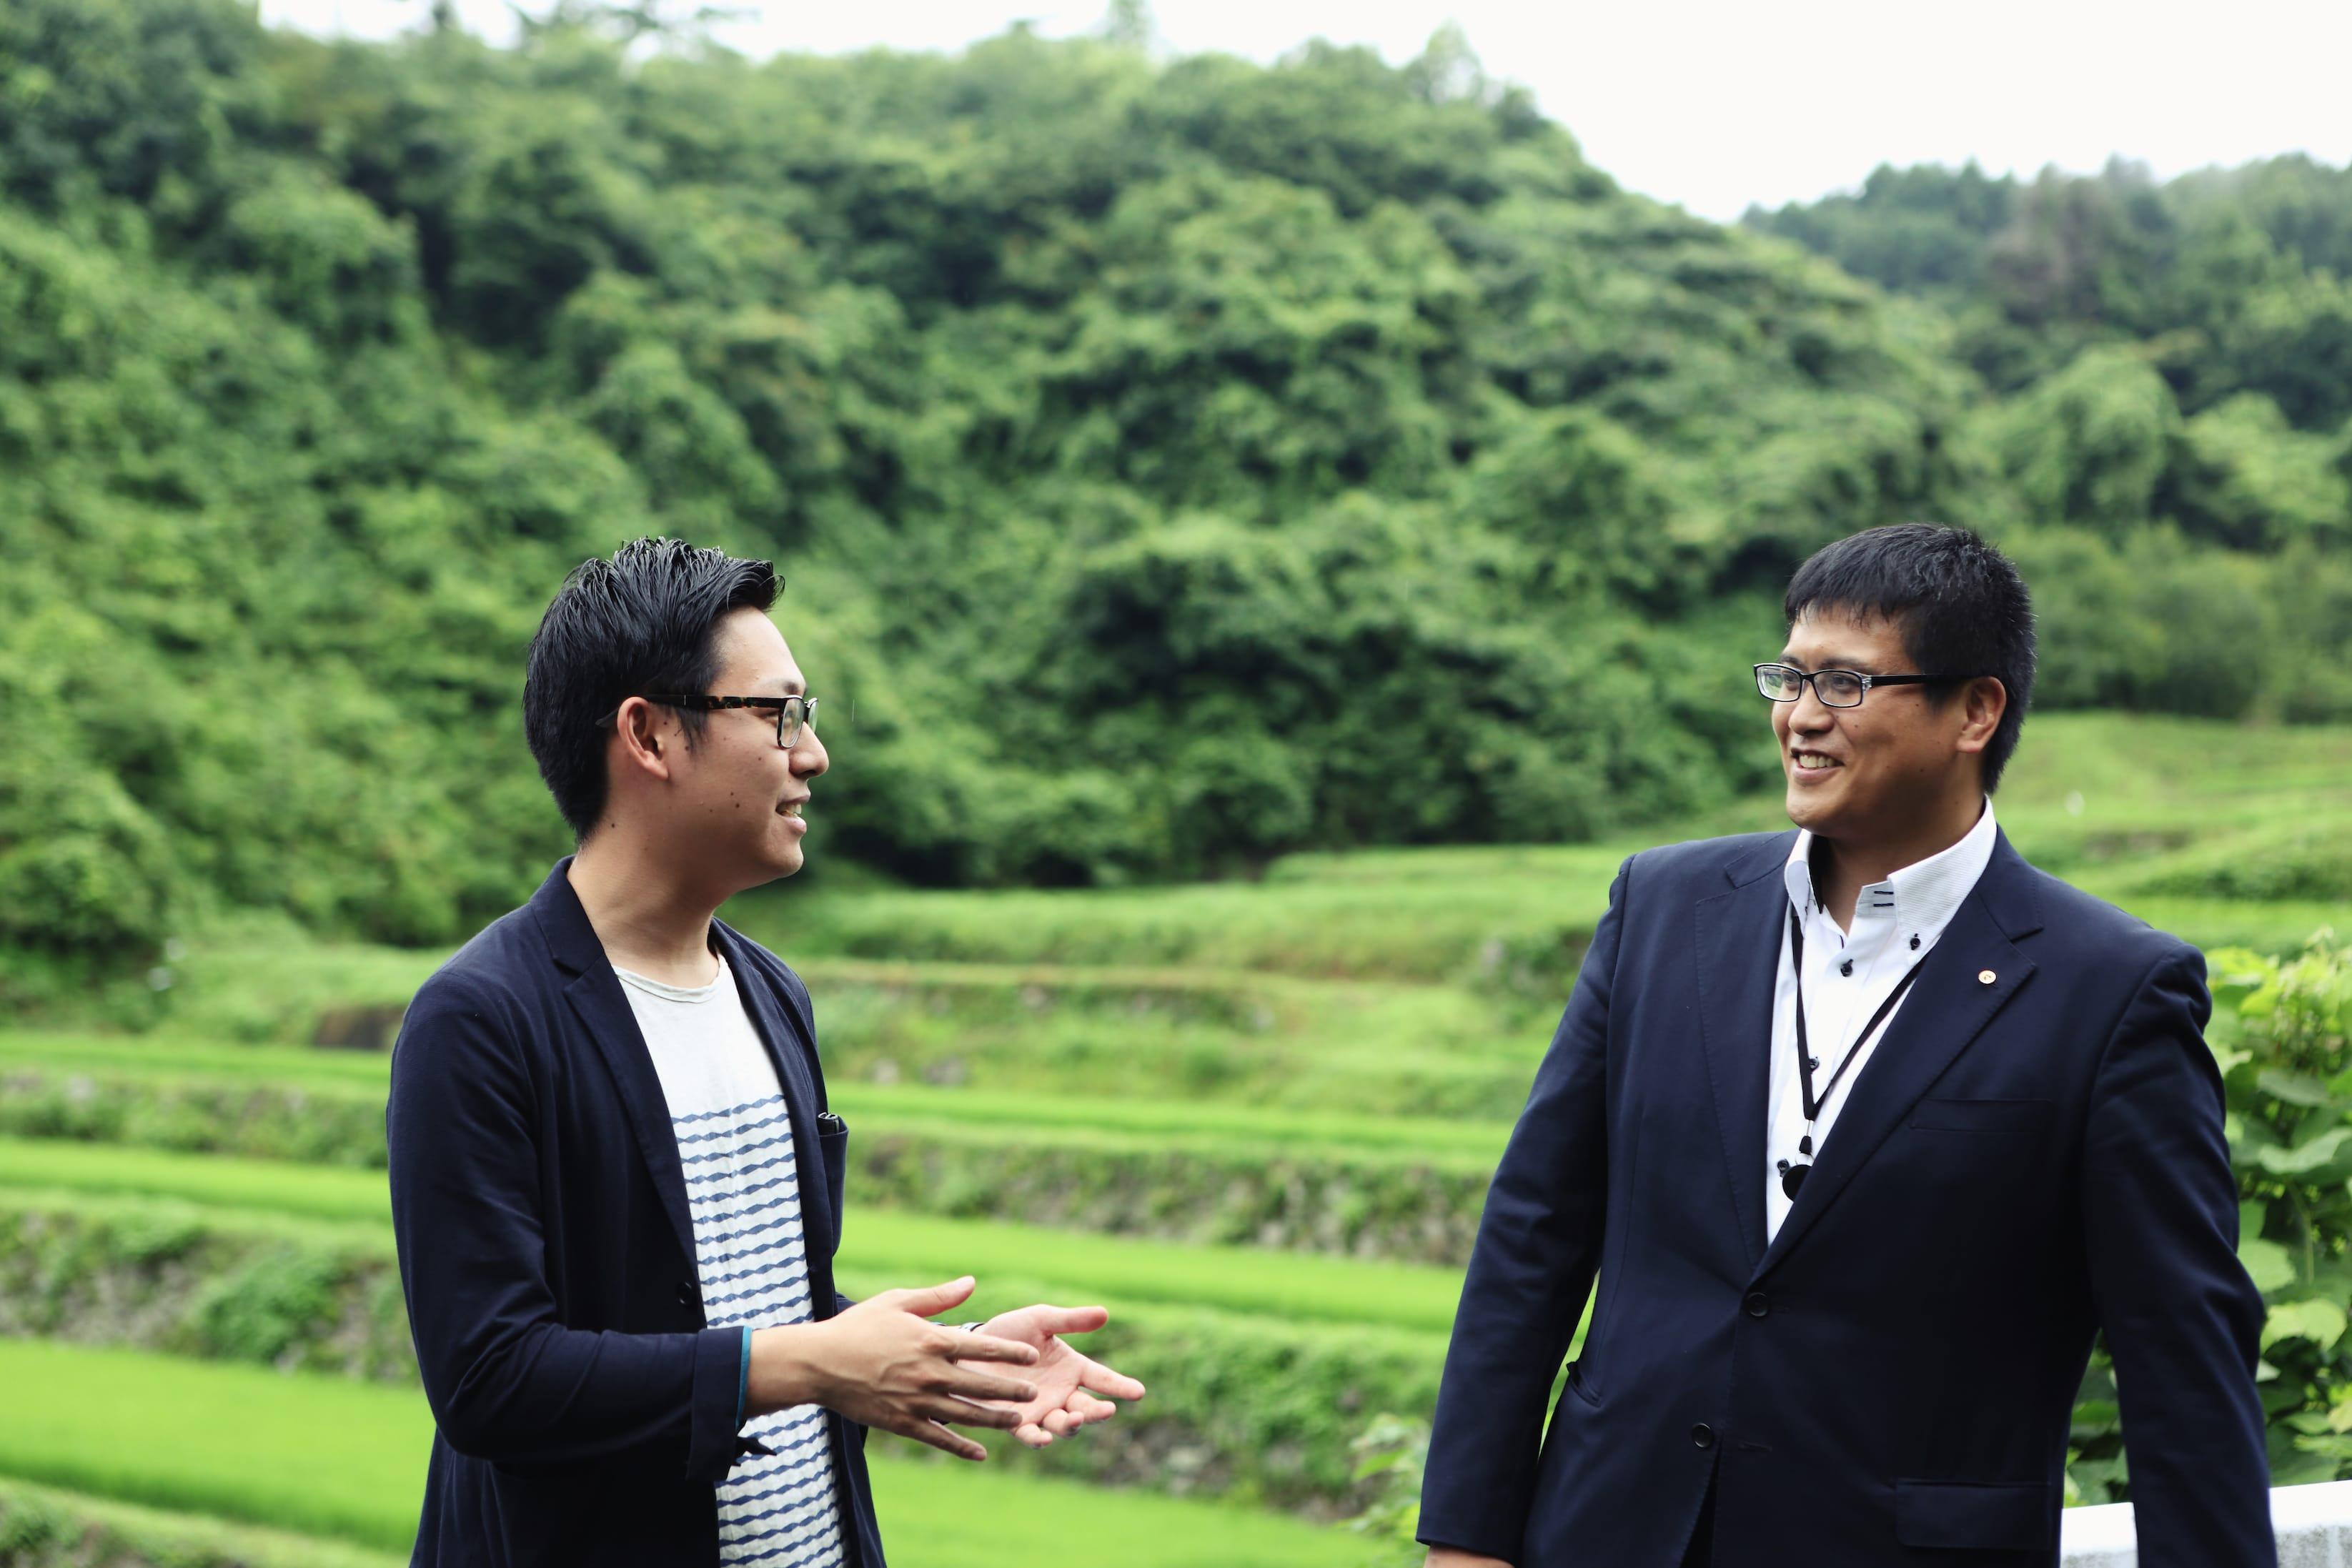 取材当日、町を案内してくれた「一般社団法人MAKOTO」の島さん(左)と、丸森町役場の八島さん。しましまコンビ!